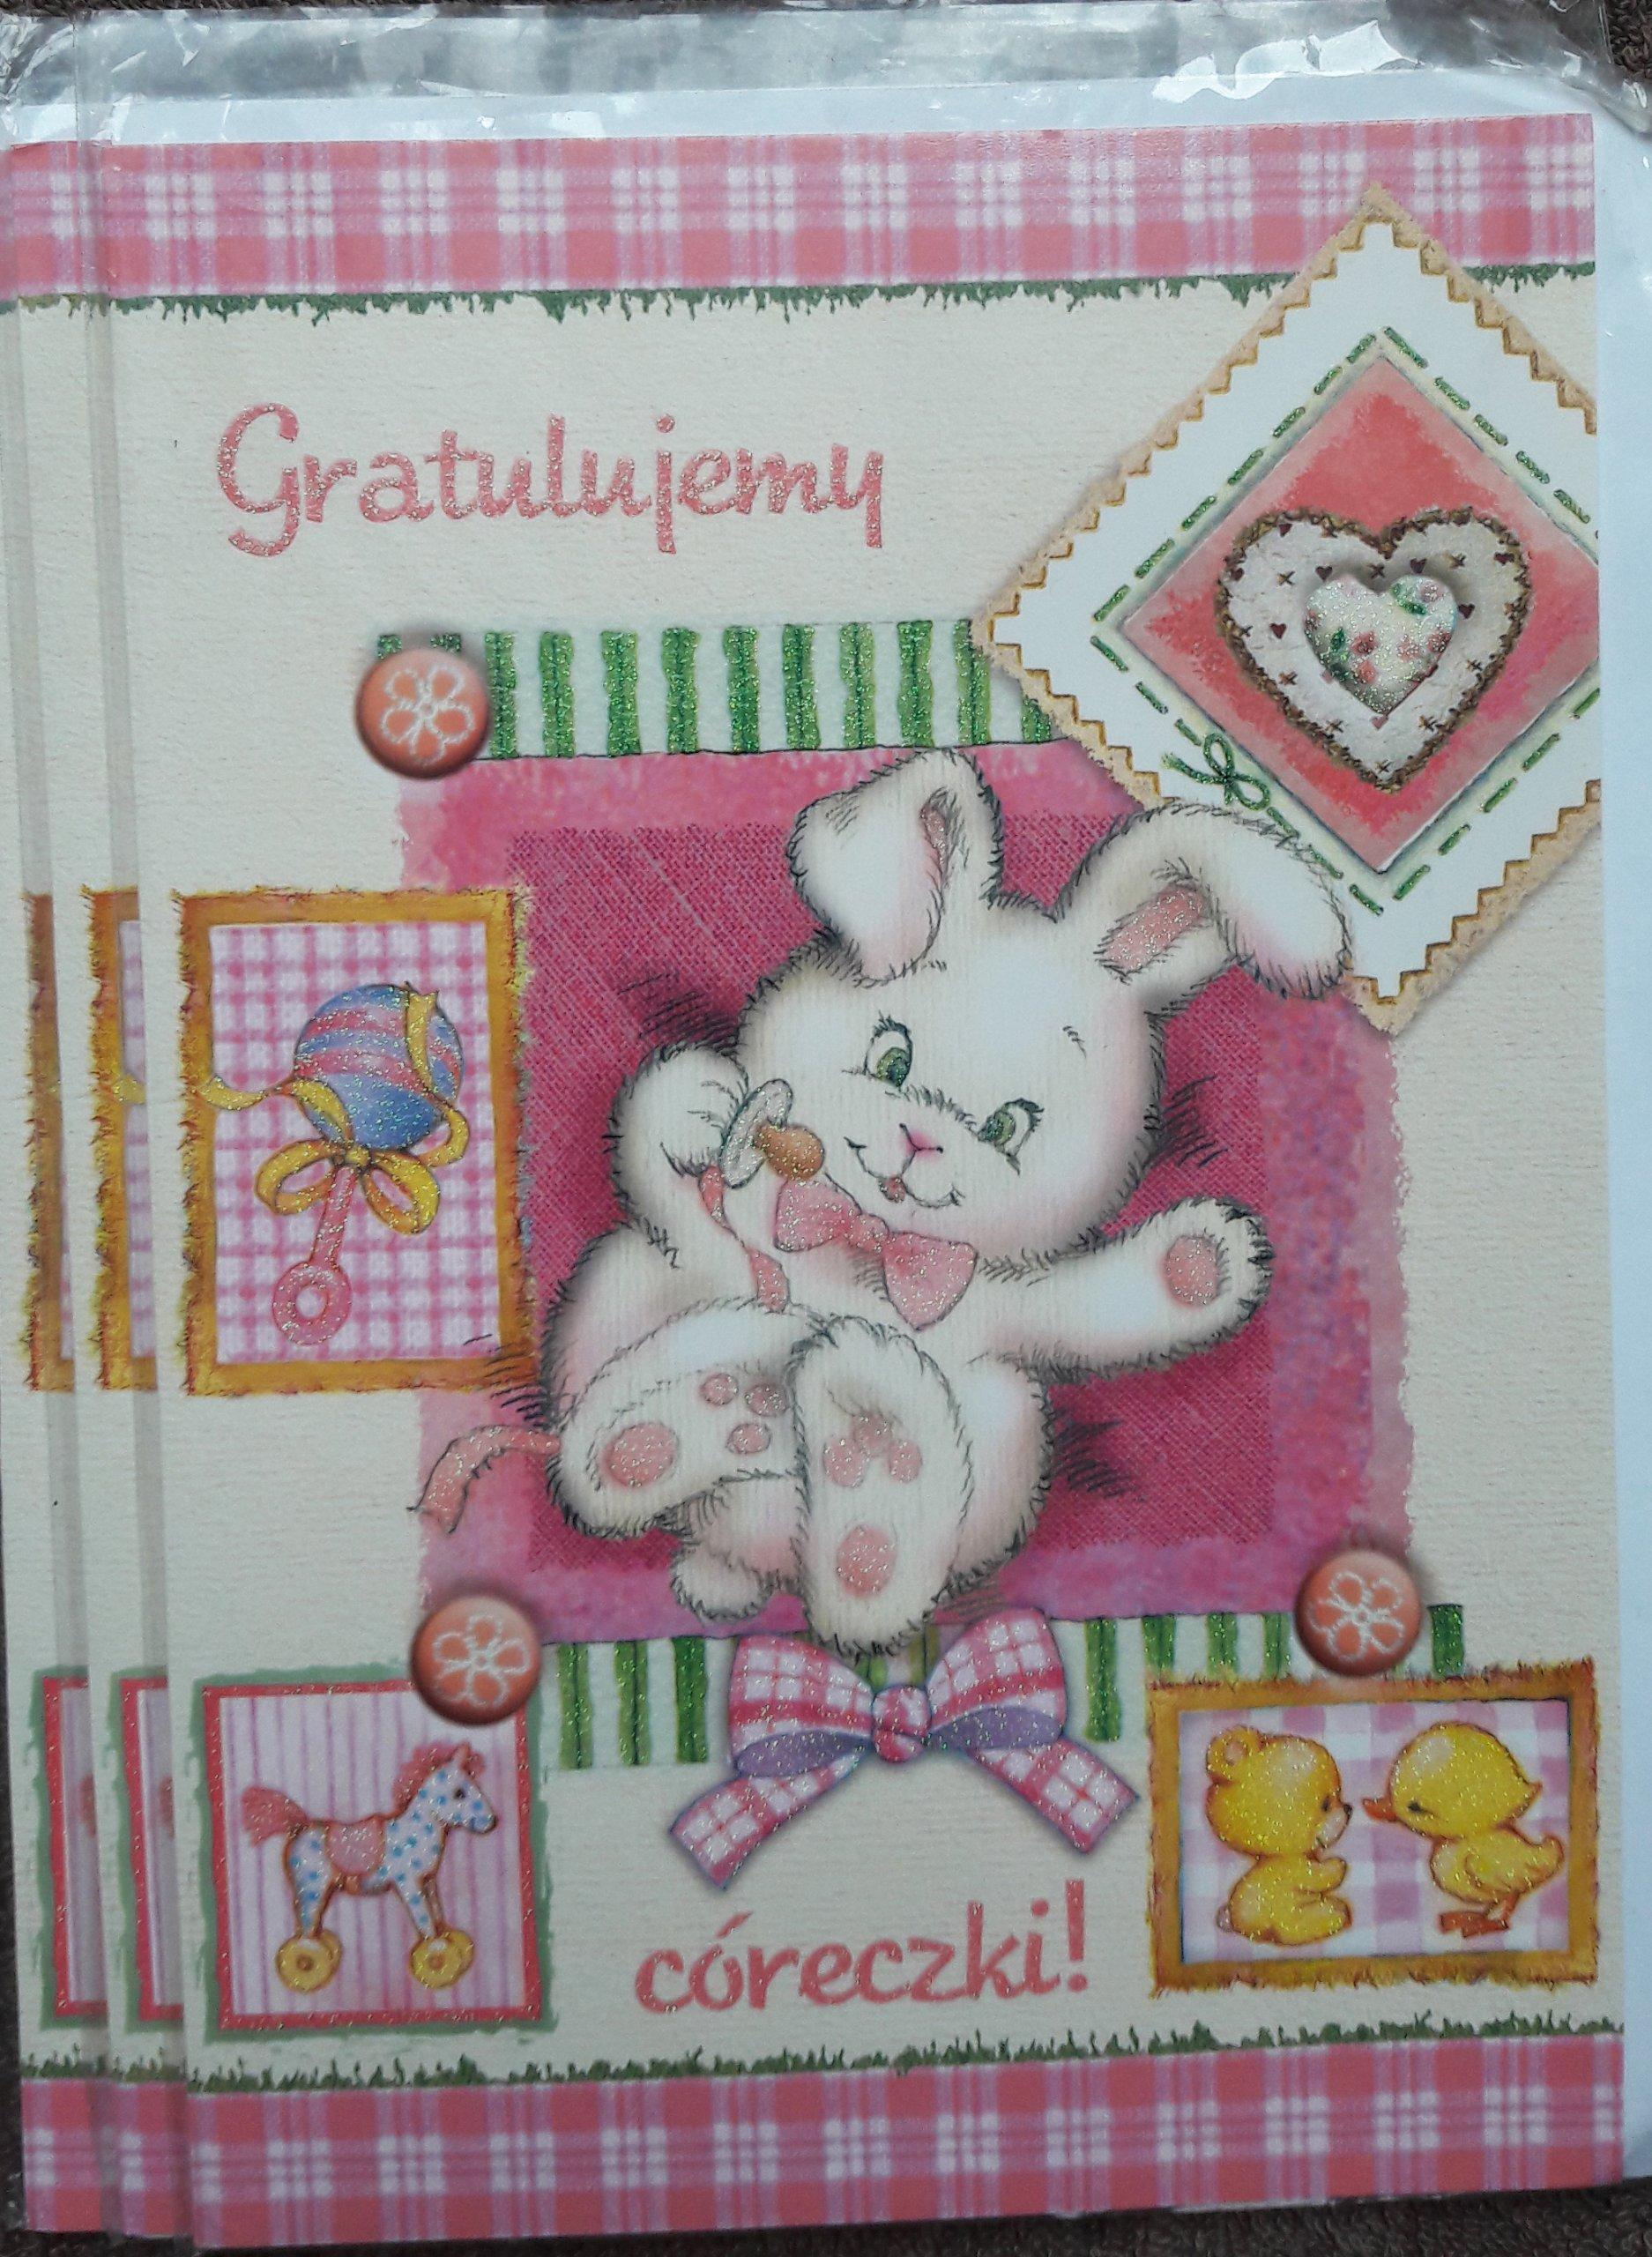 Gratulacje z okazji narodzin córki